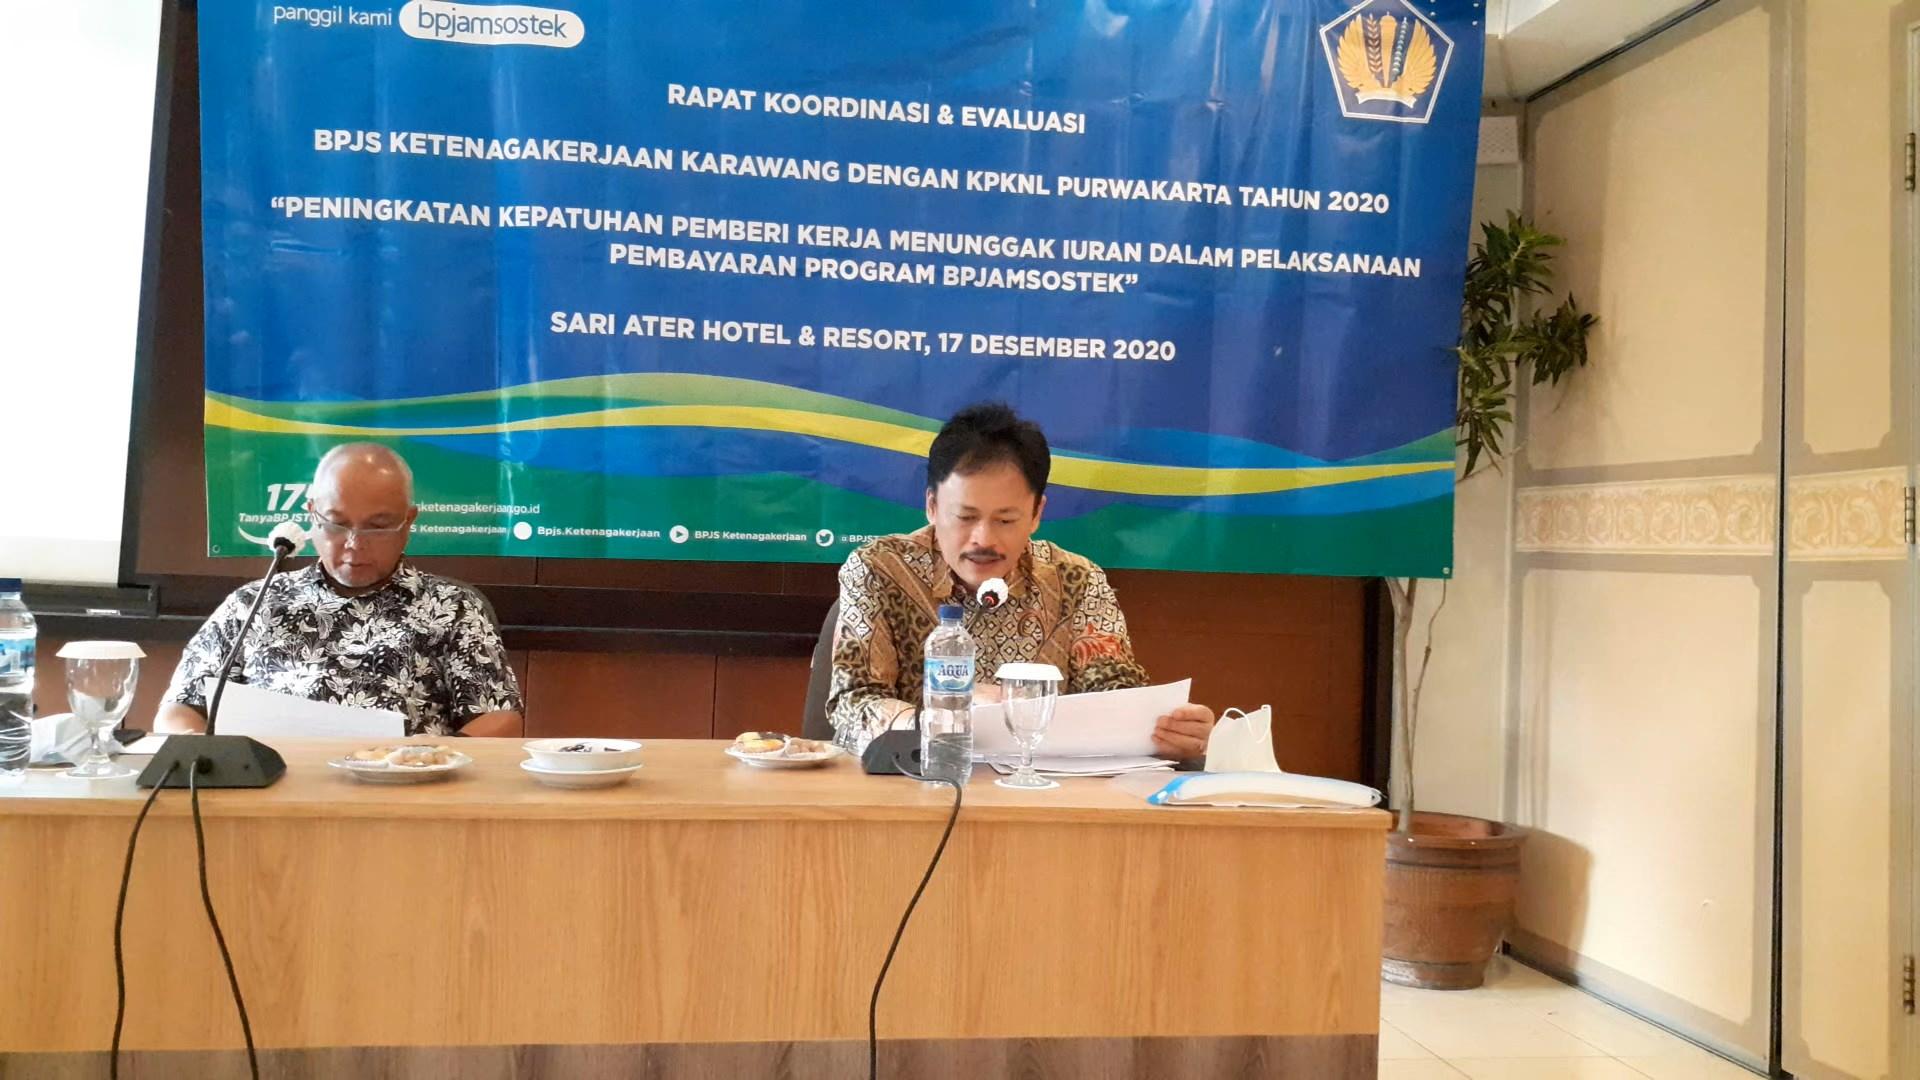 Sinergi KPKNL Purwakarta dan BPJamsostek Karawang